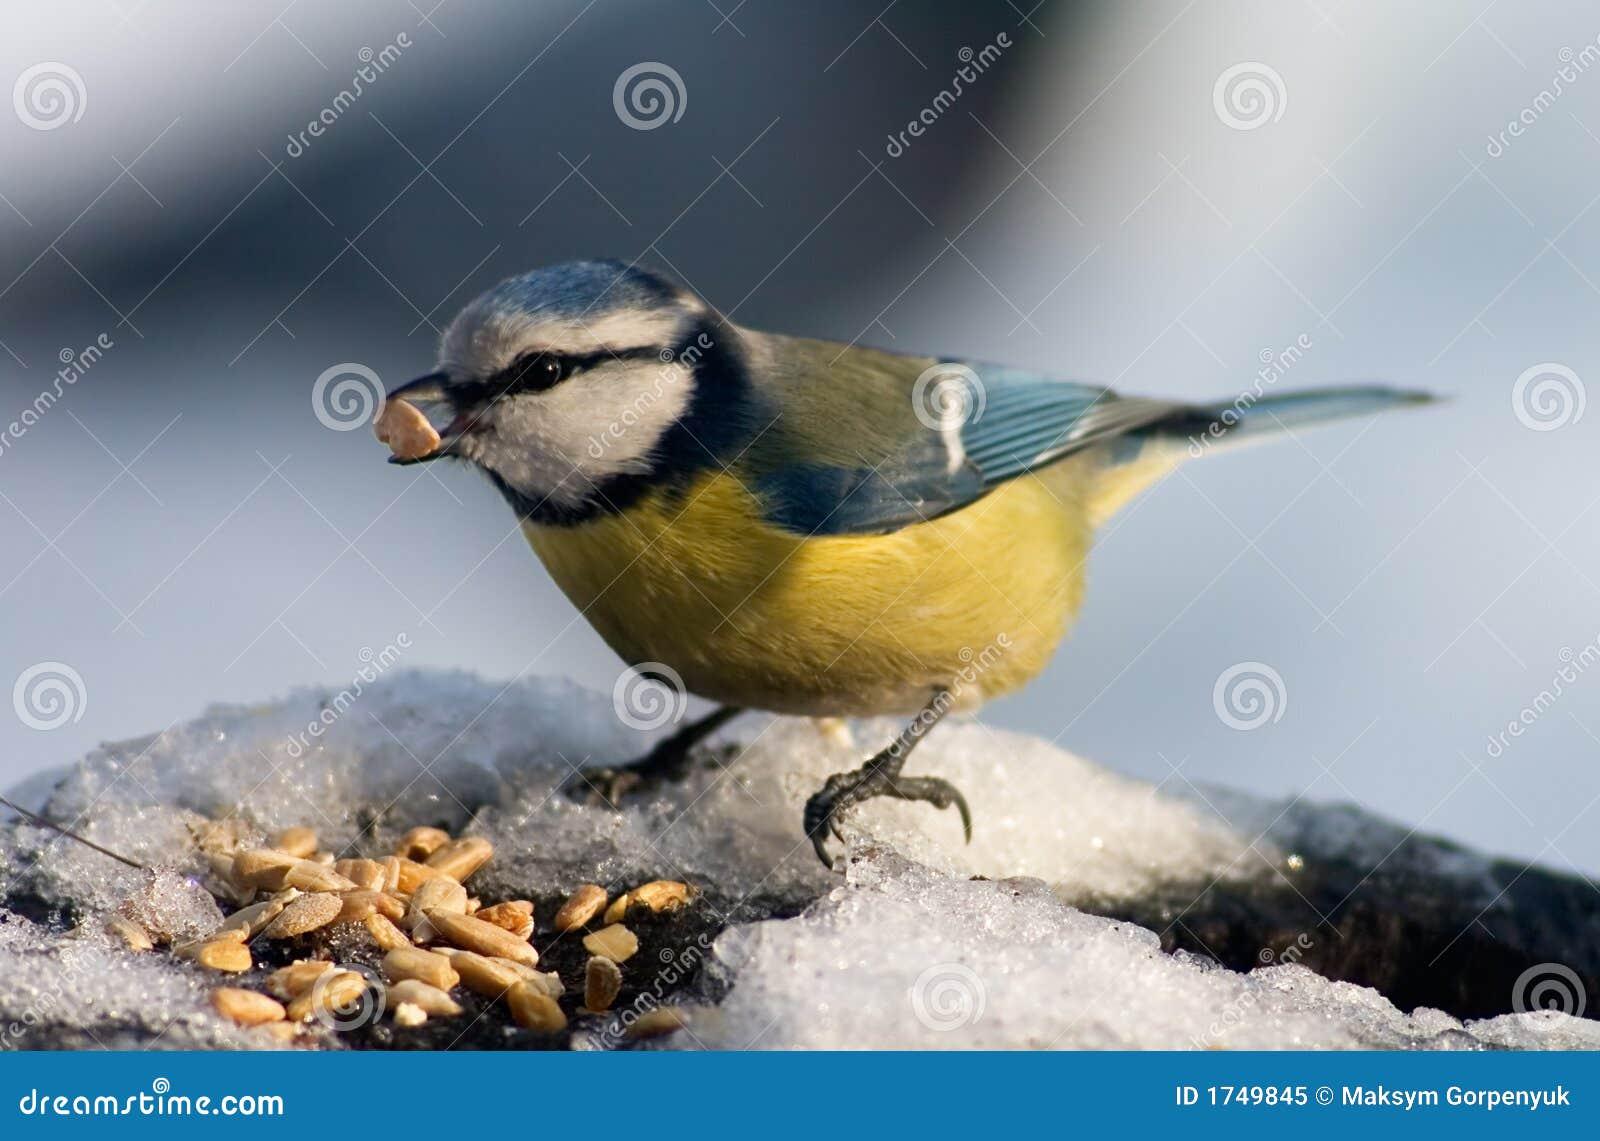 鸟种子吃蓝色夜莺山雀美图图片